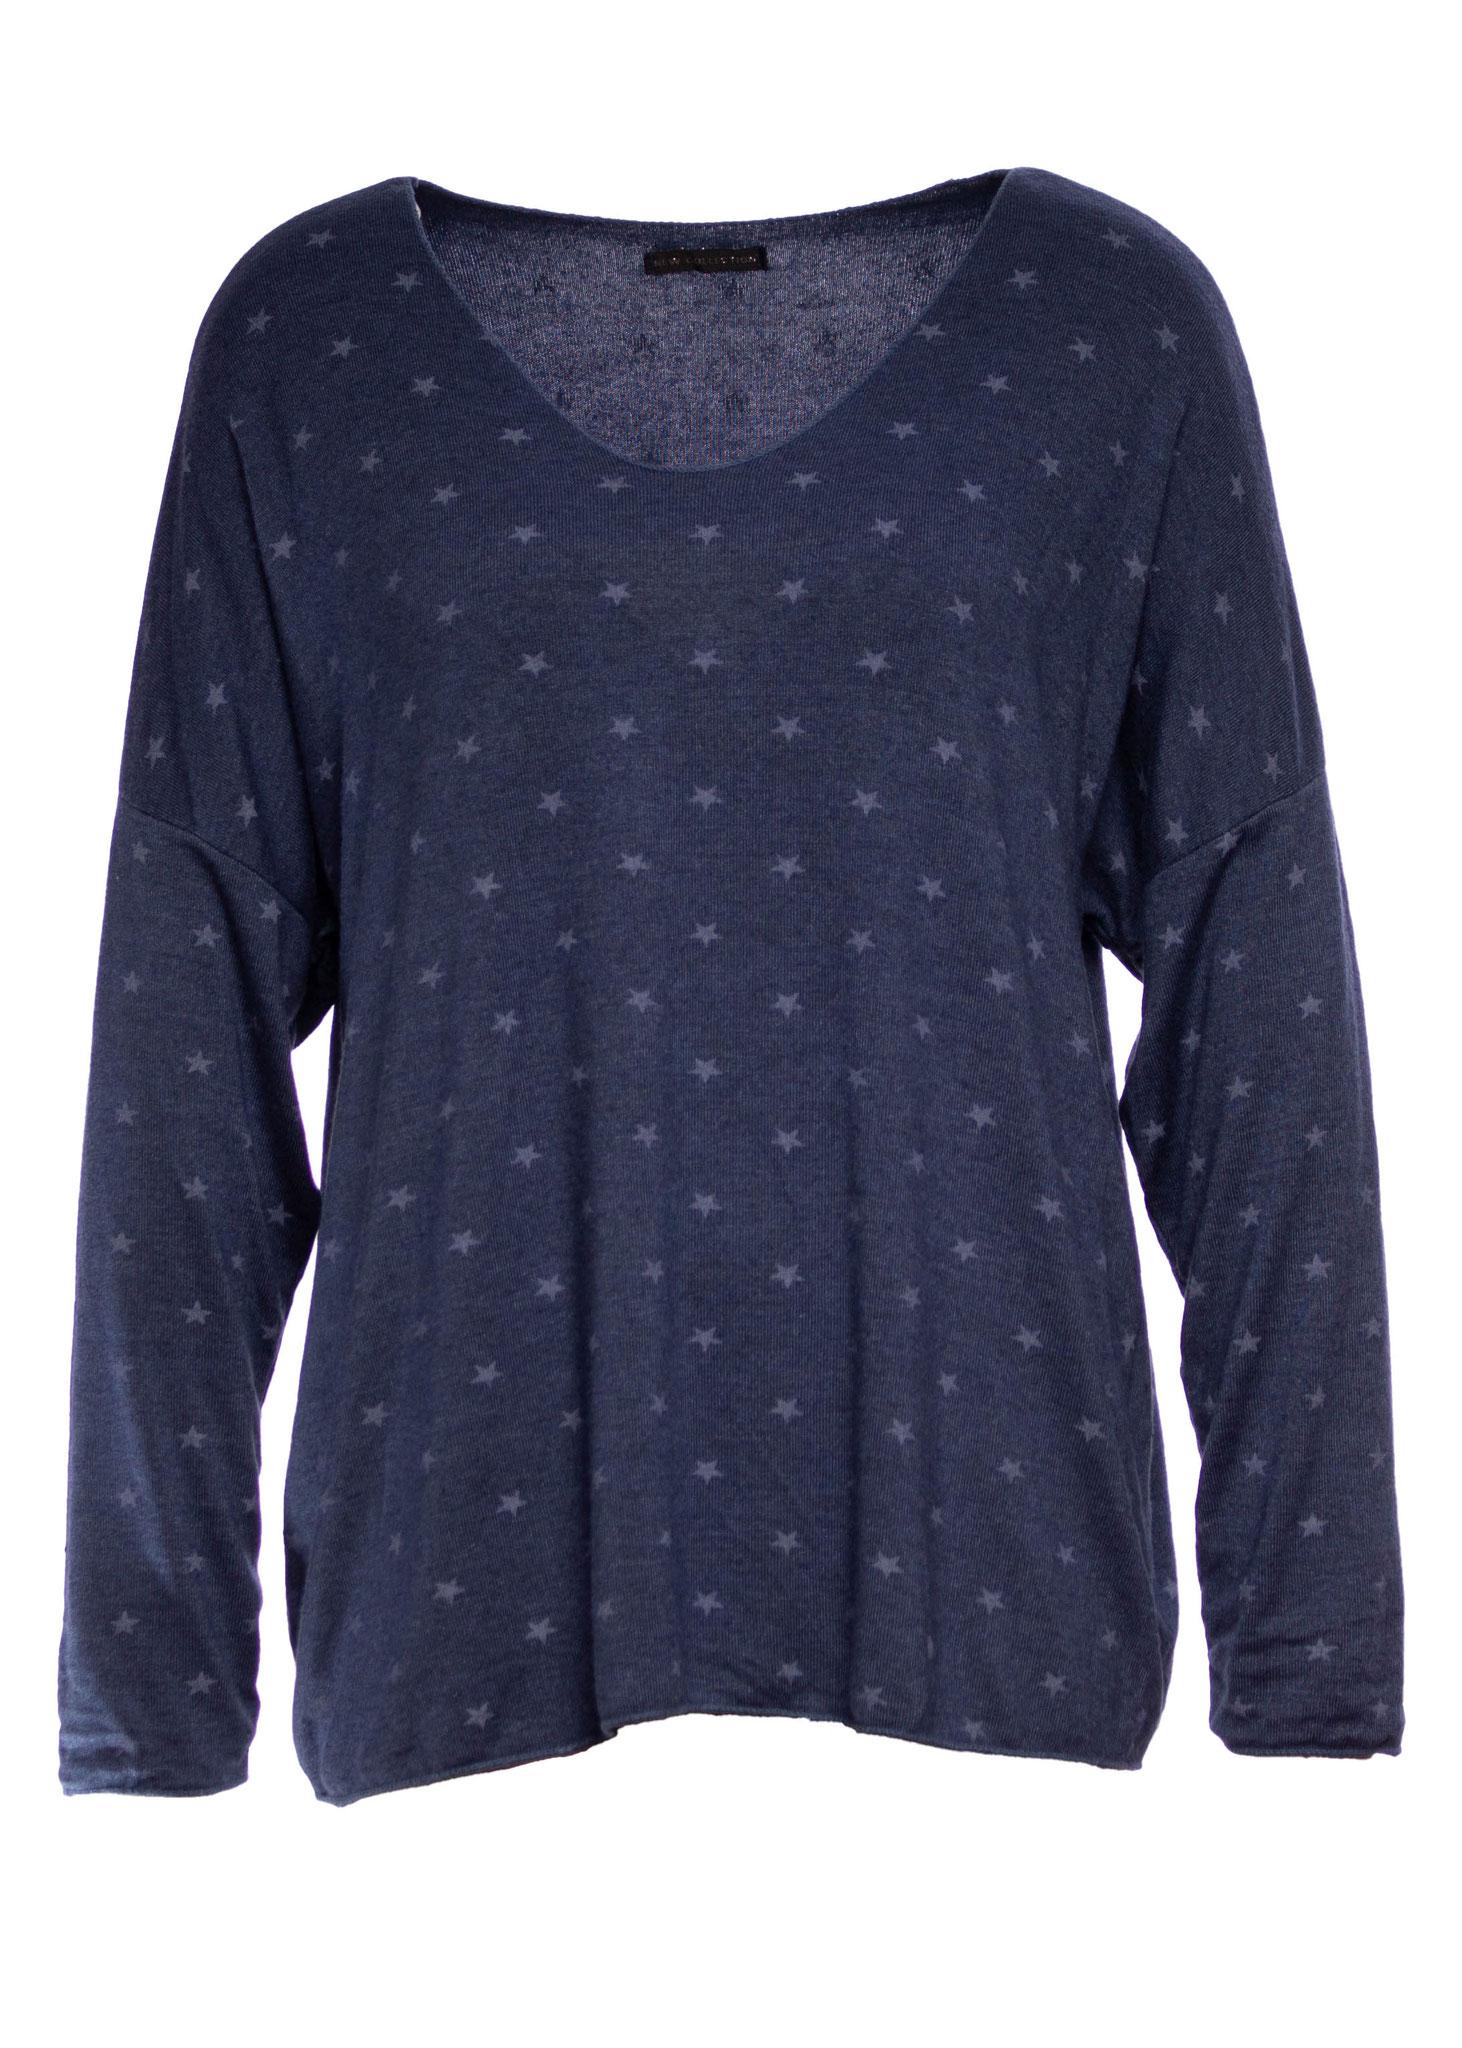 Shirt mit Sternen 22,99€